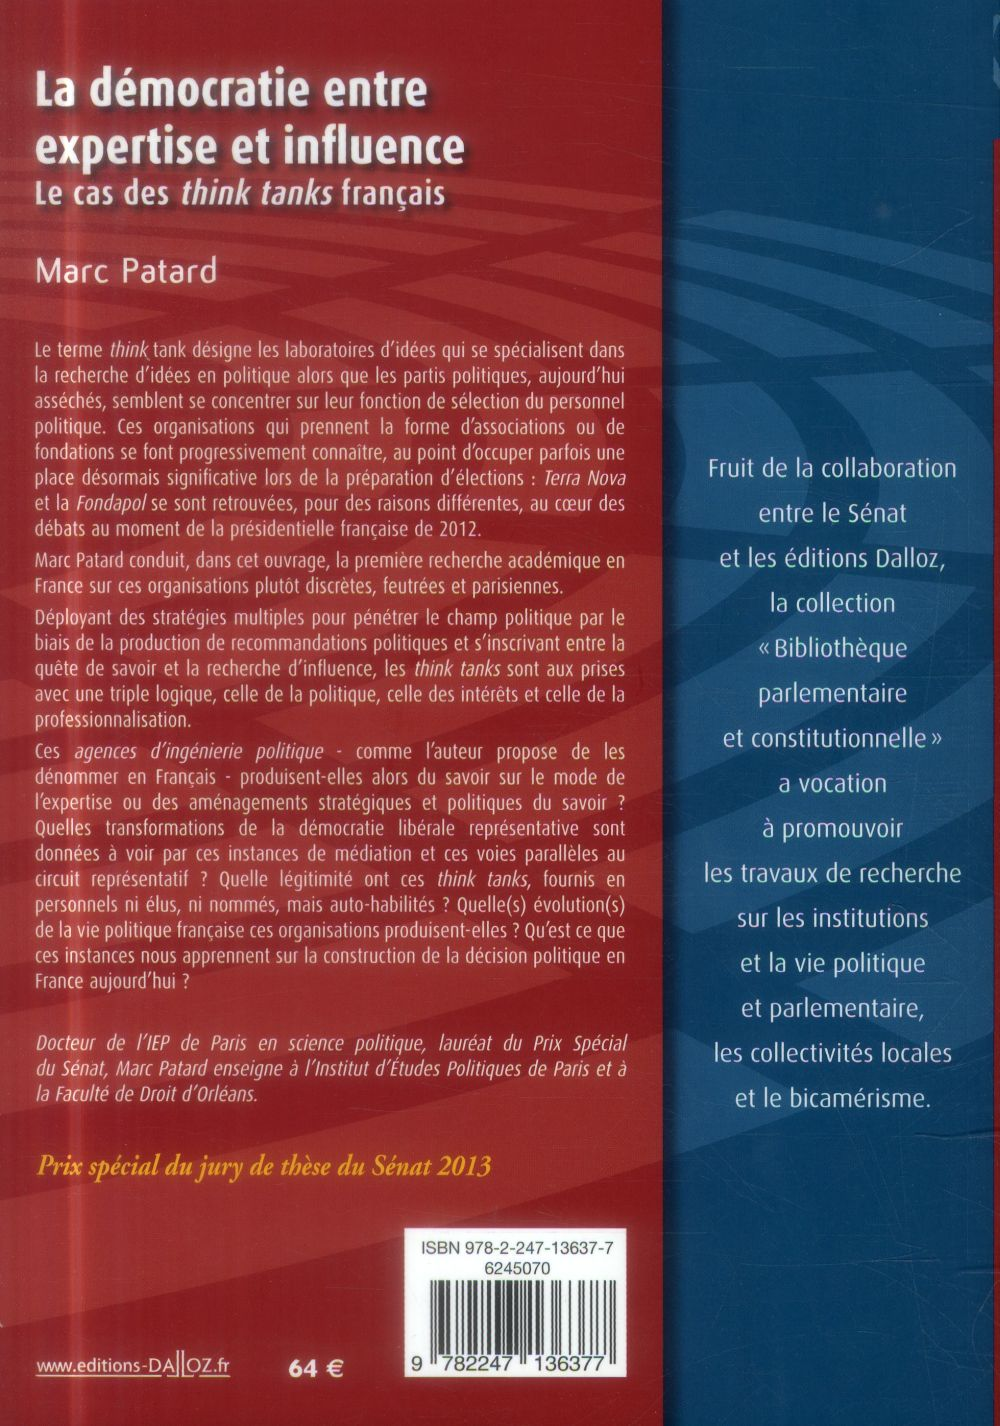 La démocratie entre expertise et influence ; le cas des think tanks français